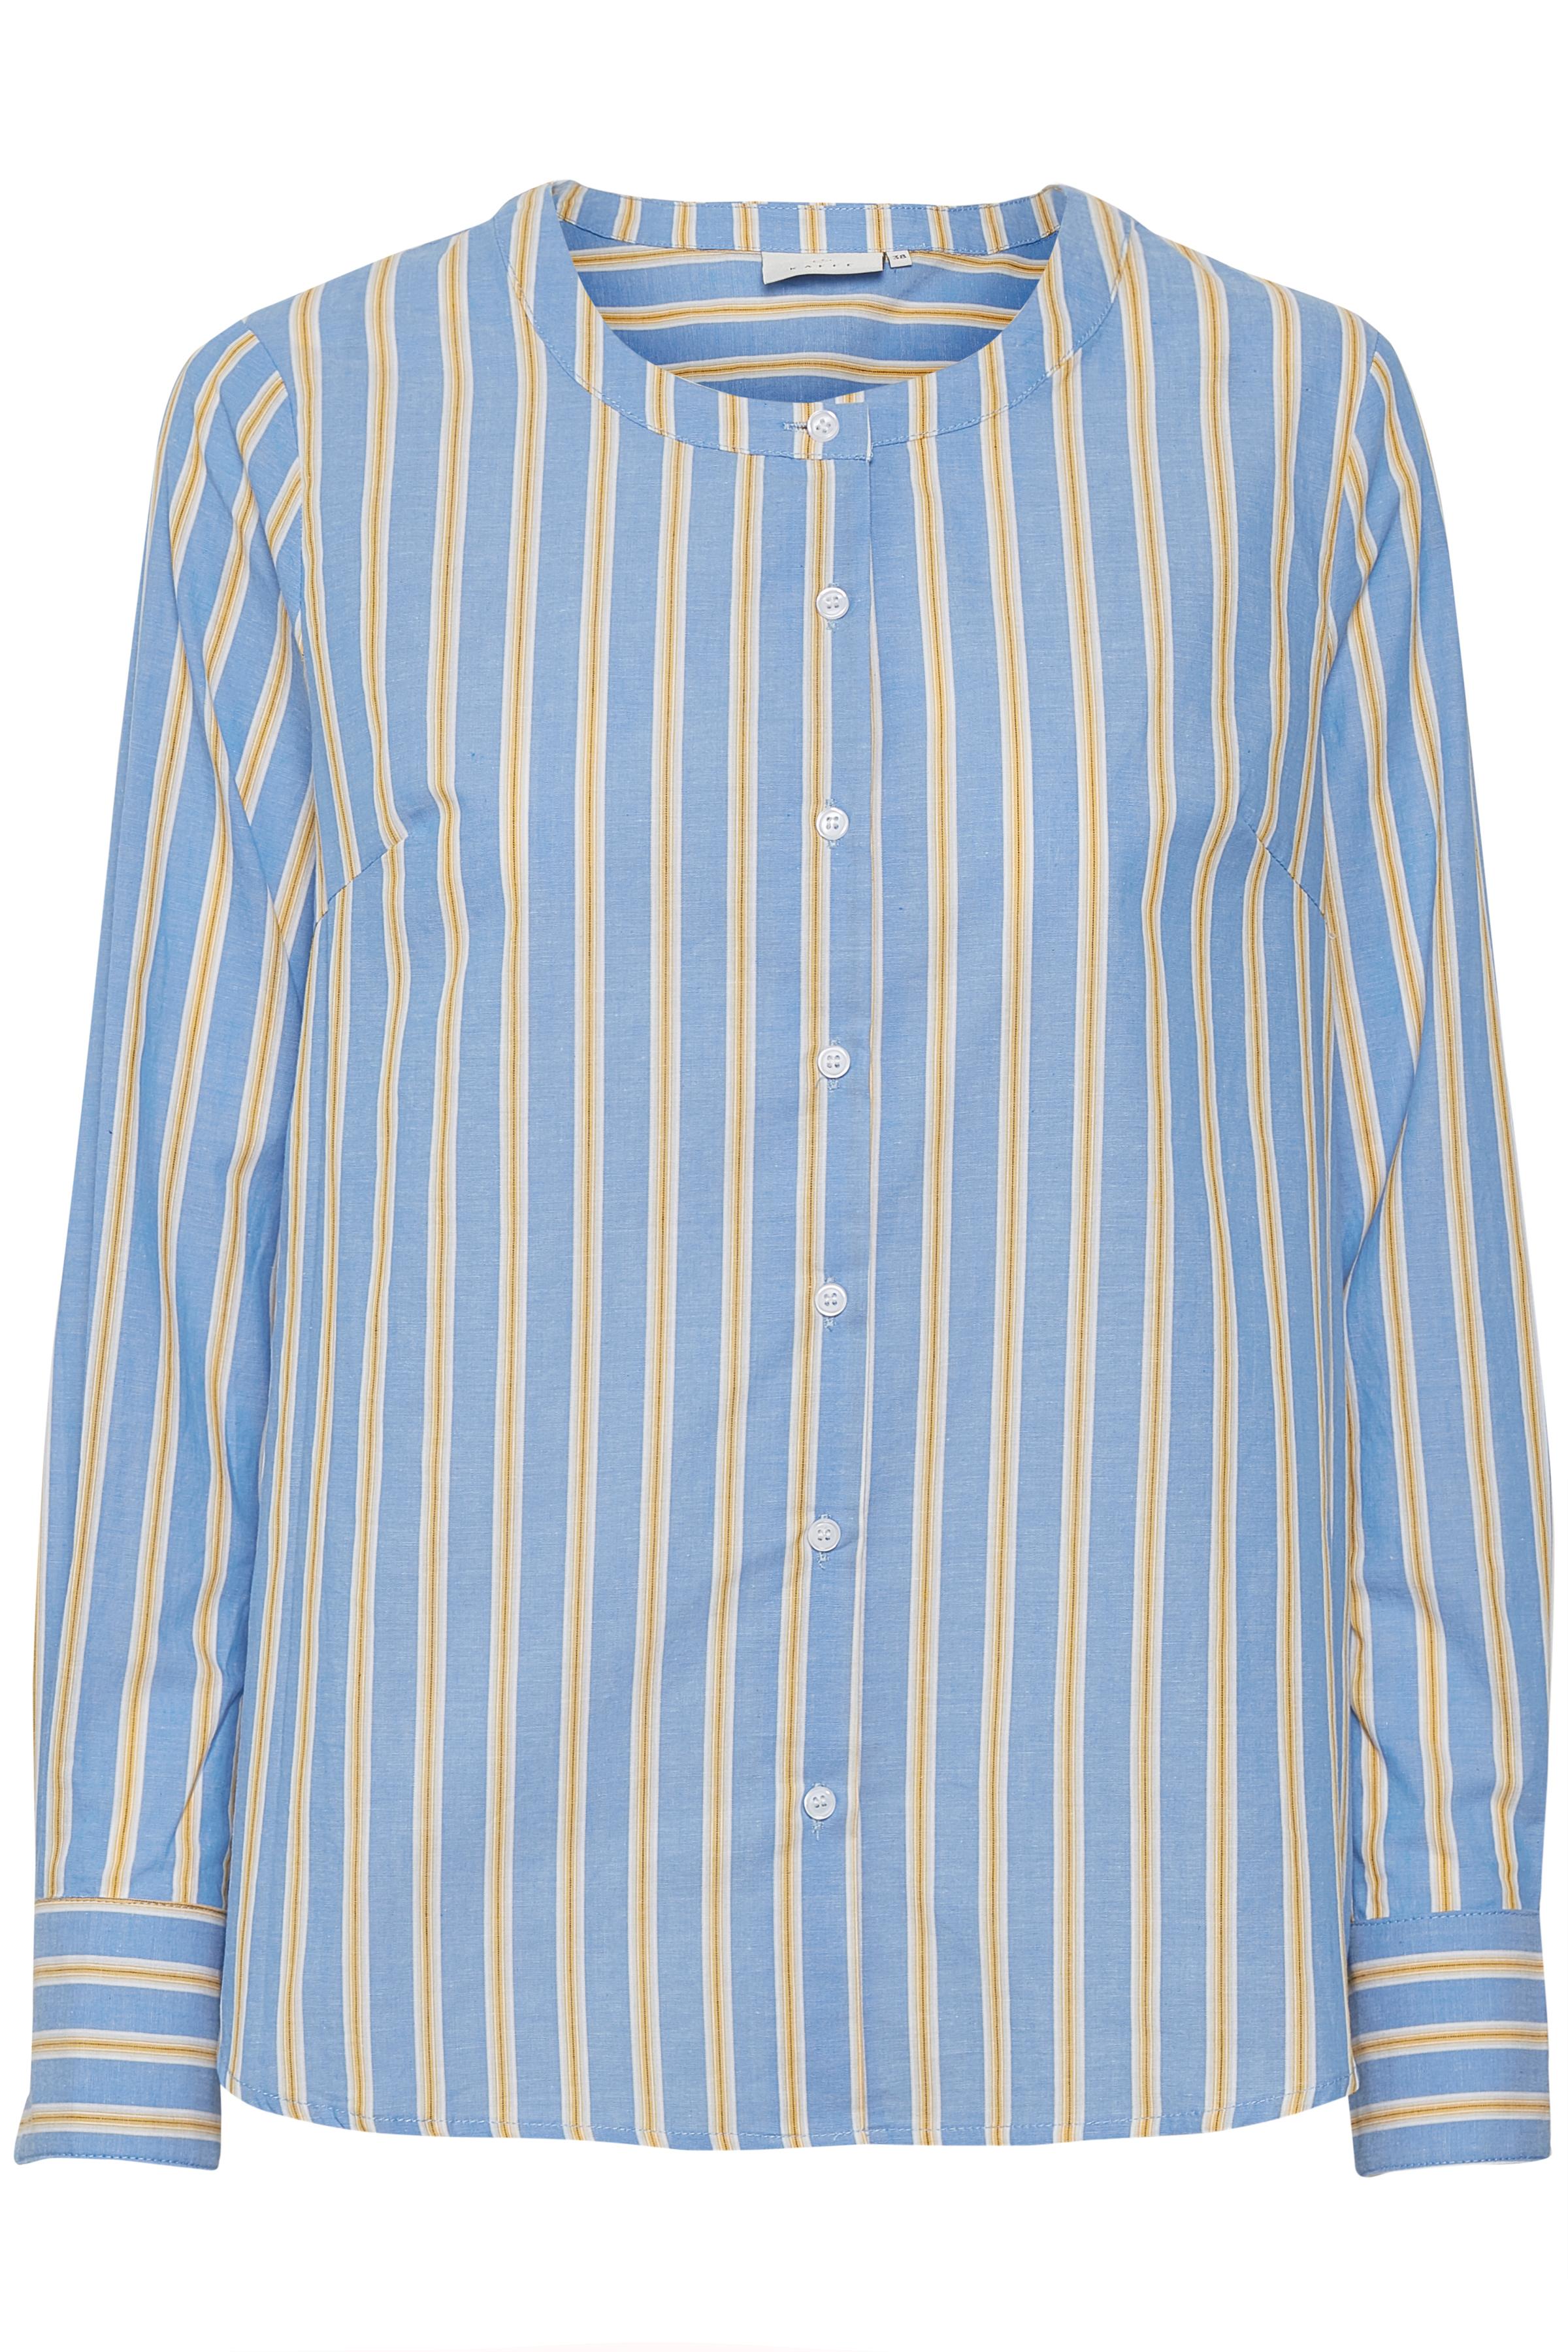 Ljusblå/gul Långärmad skjorta från Kaffe – Köp Ljusblå/gul Långärmad skjorta från stl. 34-46 här